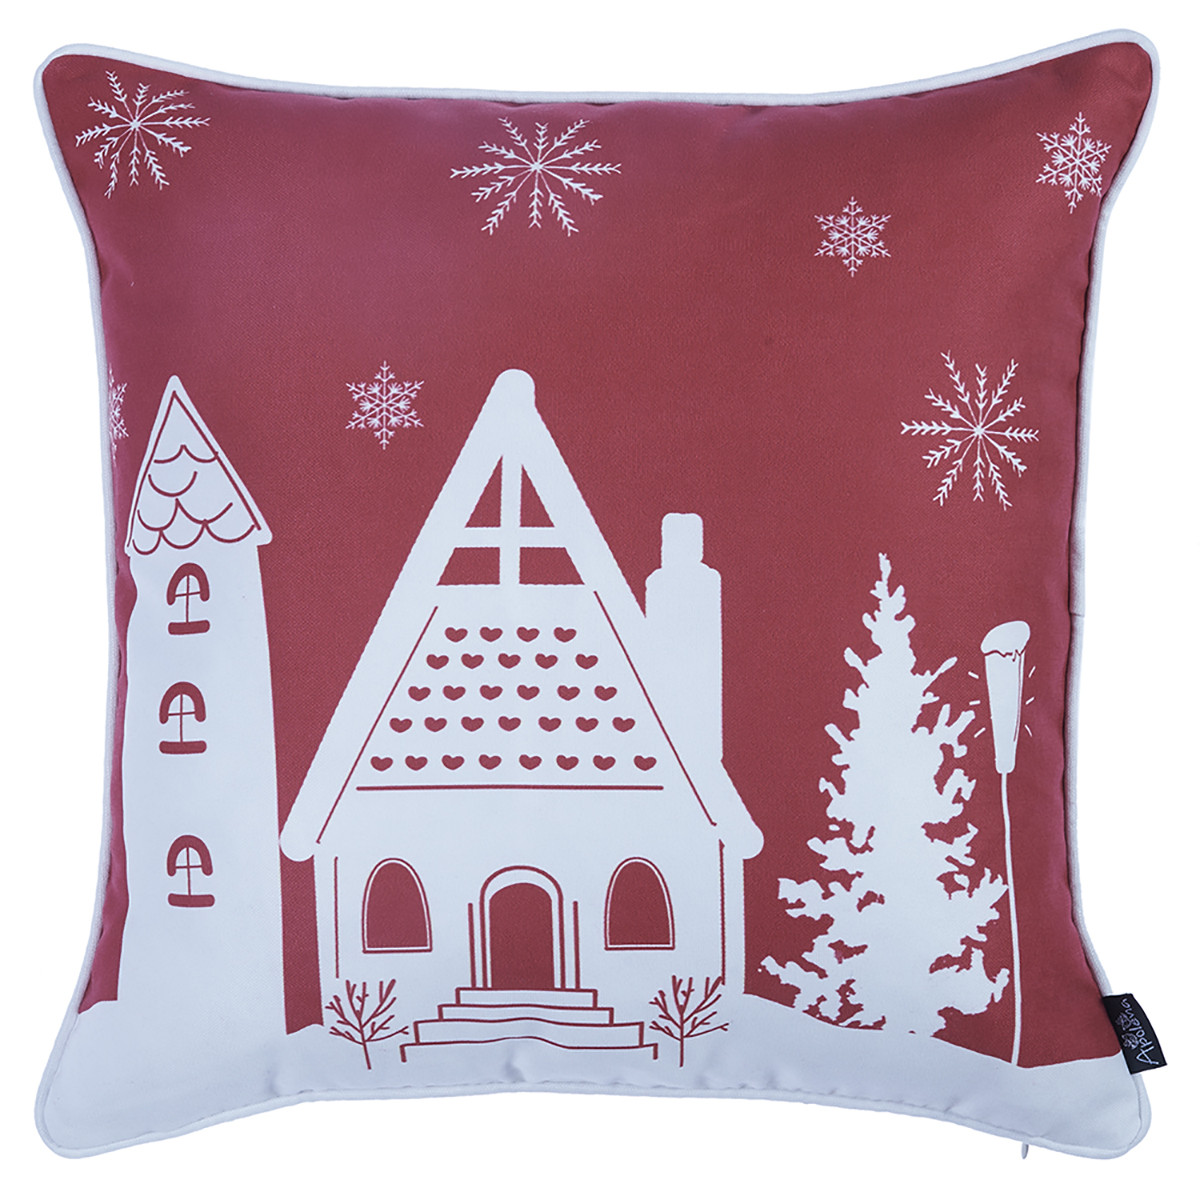 Χριστουγεννιάτικη Μαξιλαροθήκη (45×45) Apolena 706-5616/2